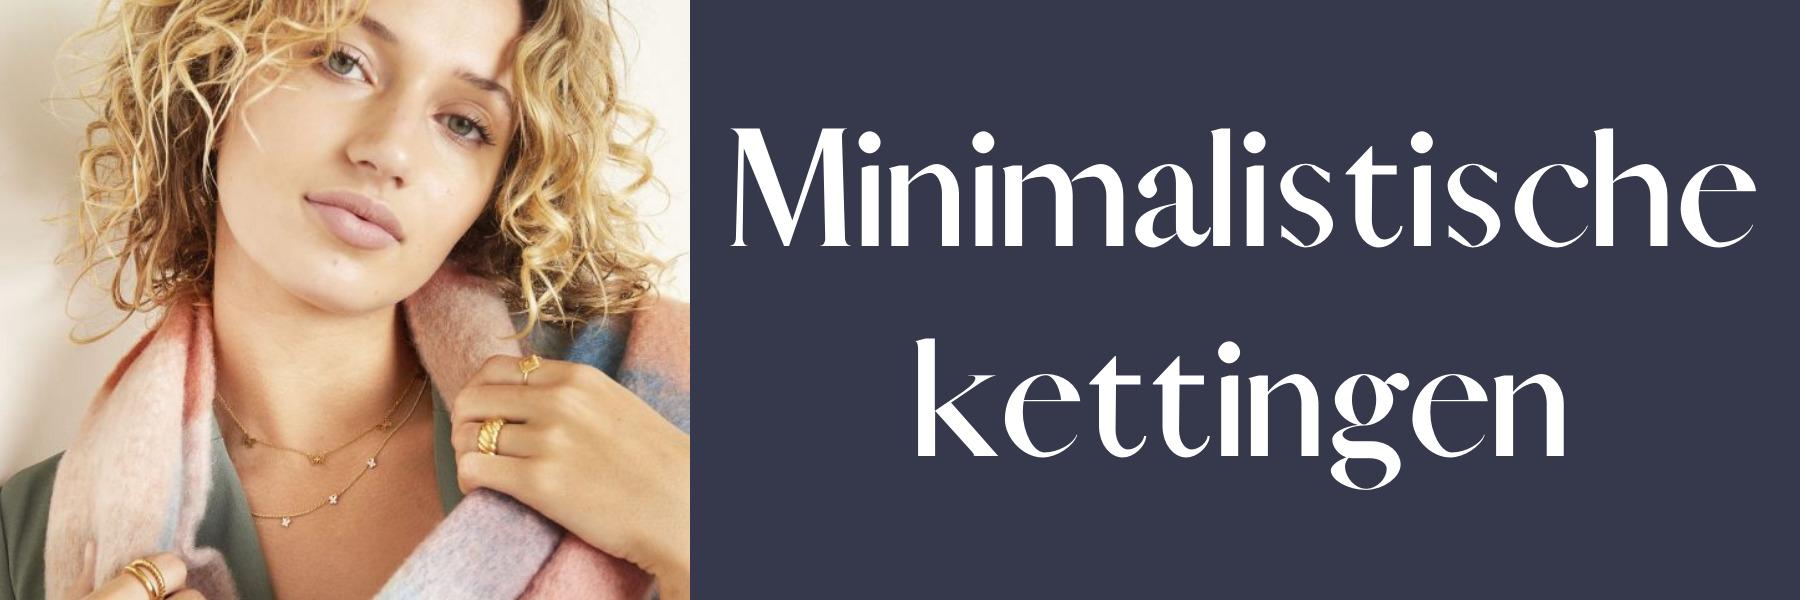 mini ketting